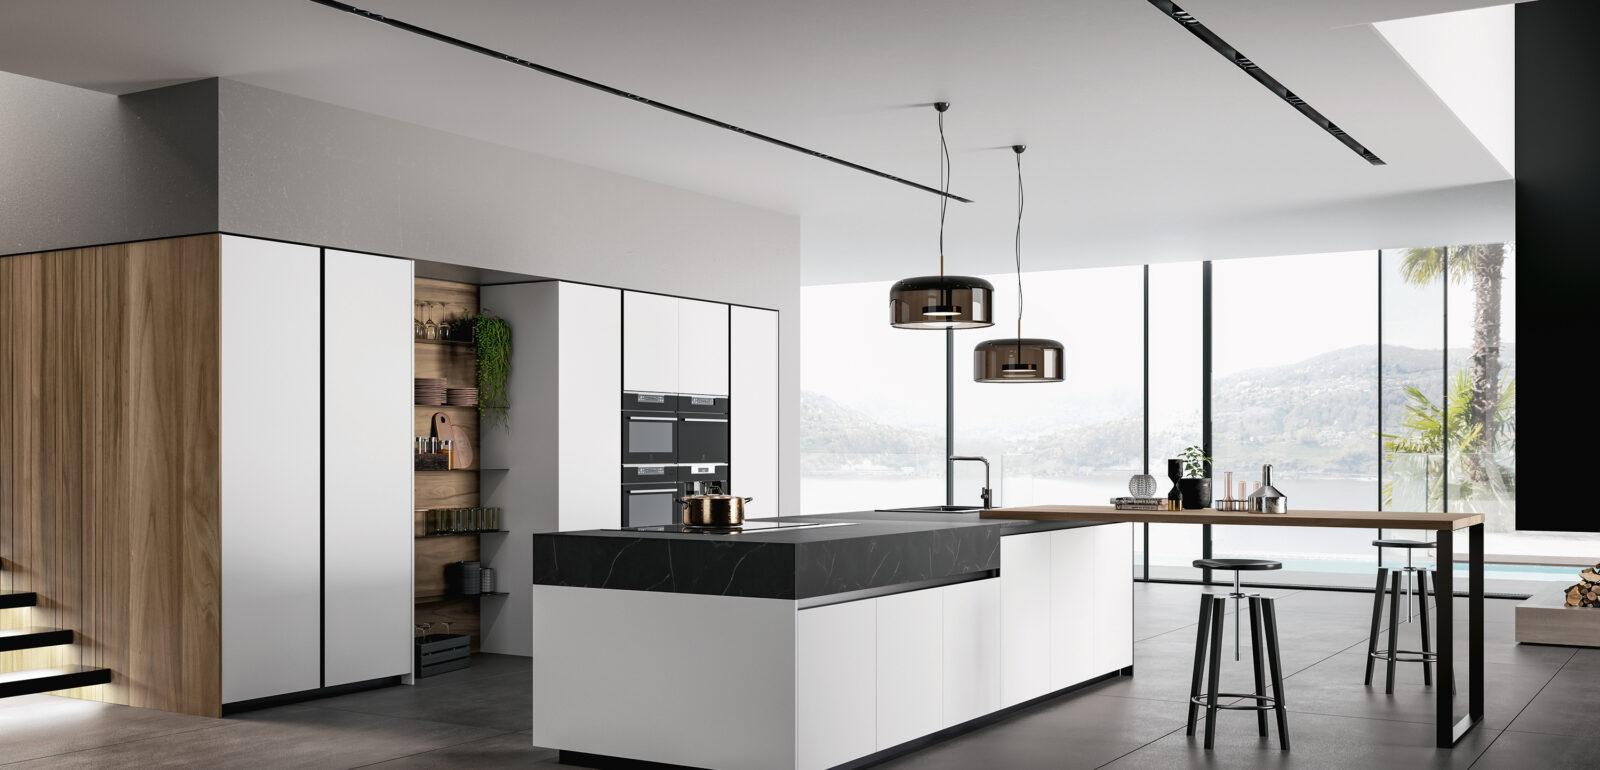 cucina moderna con penisola Arredo3 Glass 2.0 foto 06